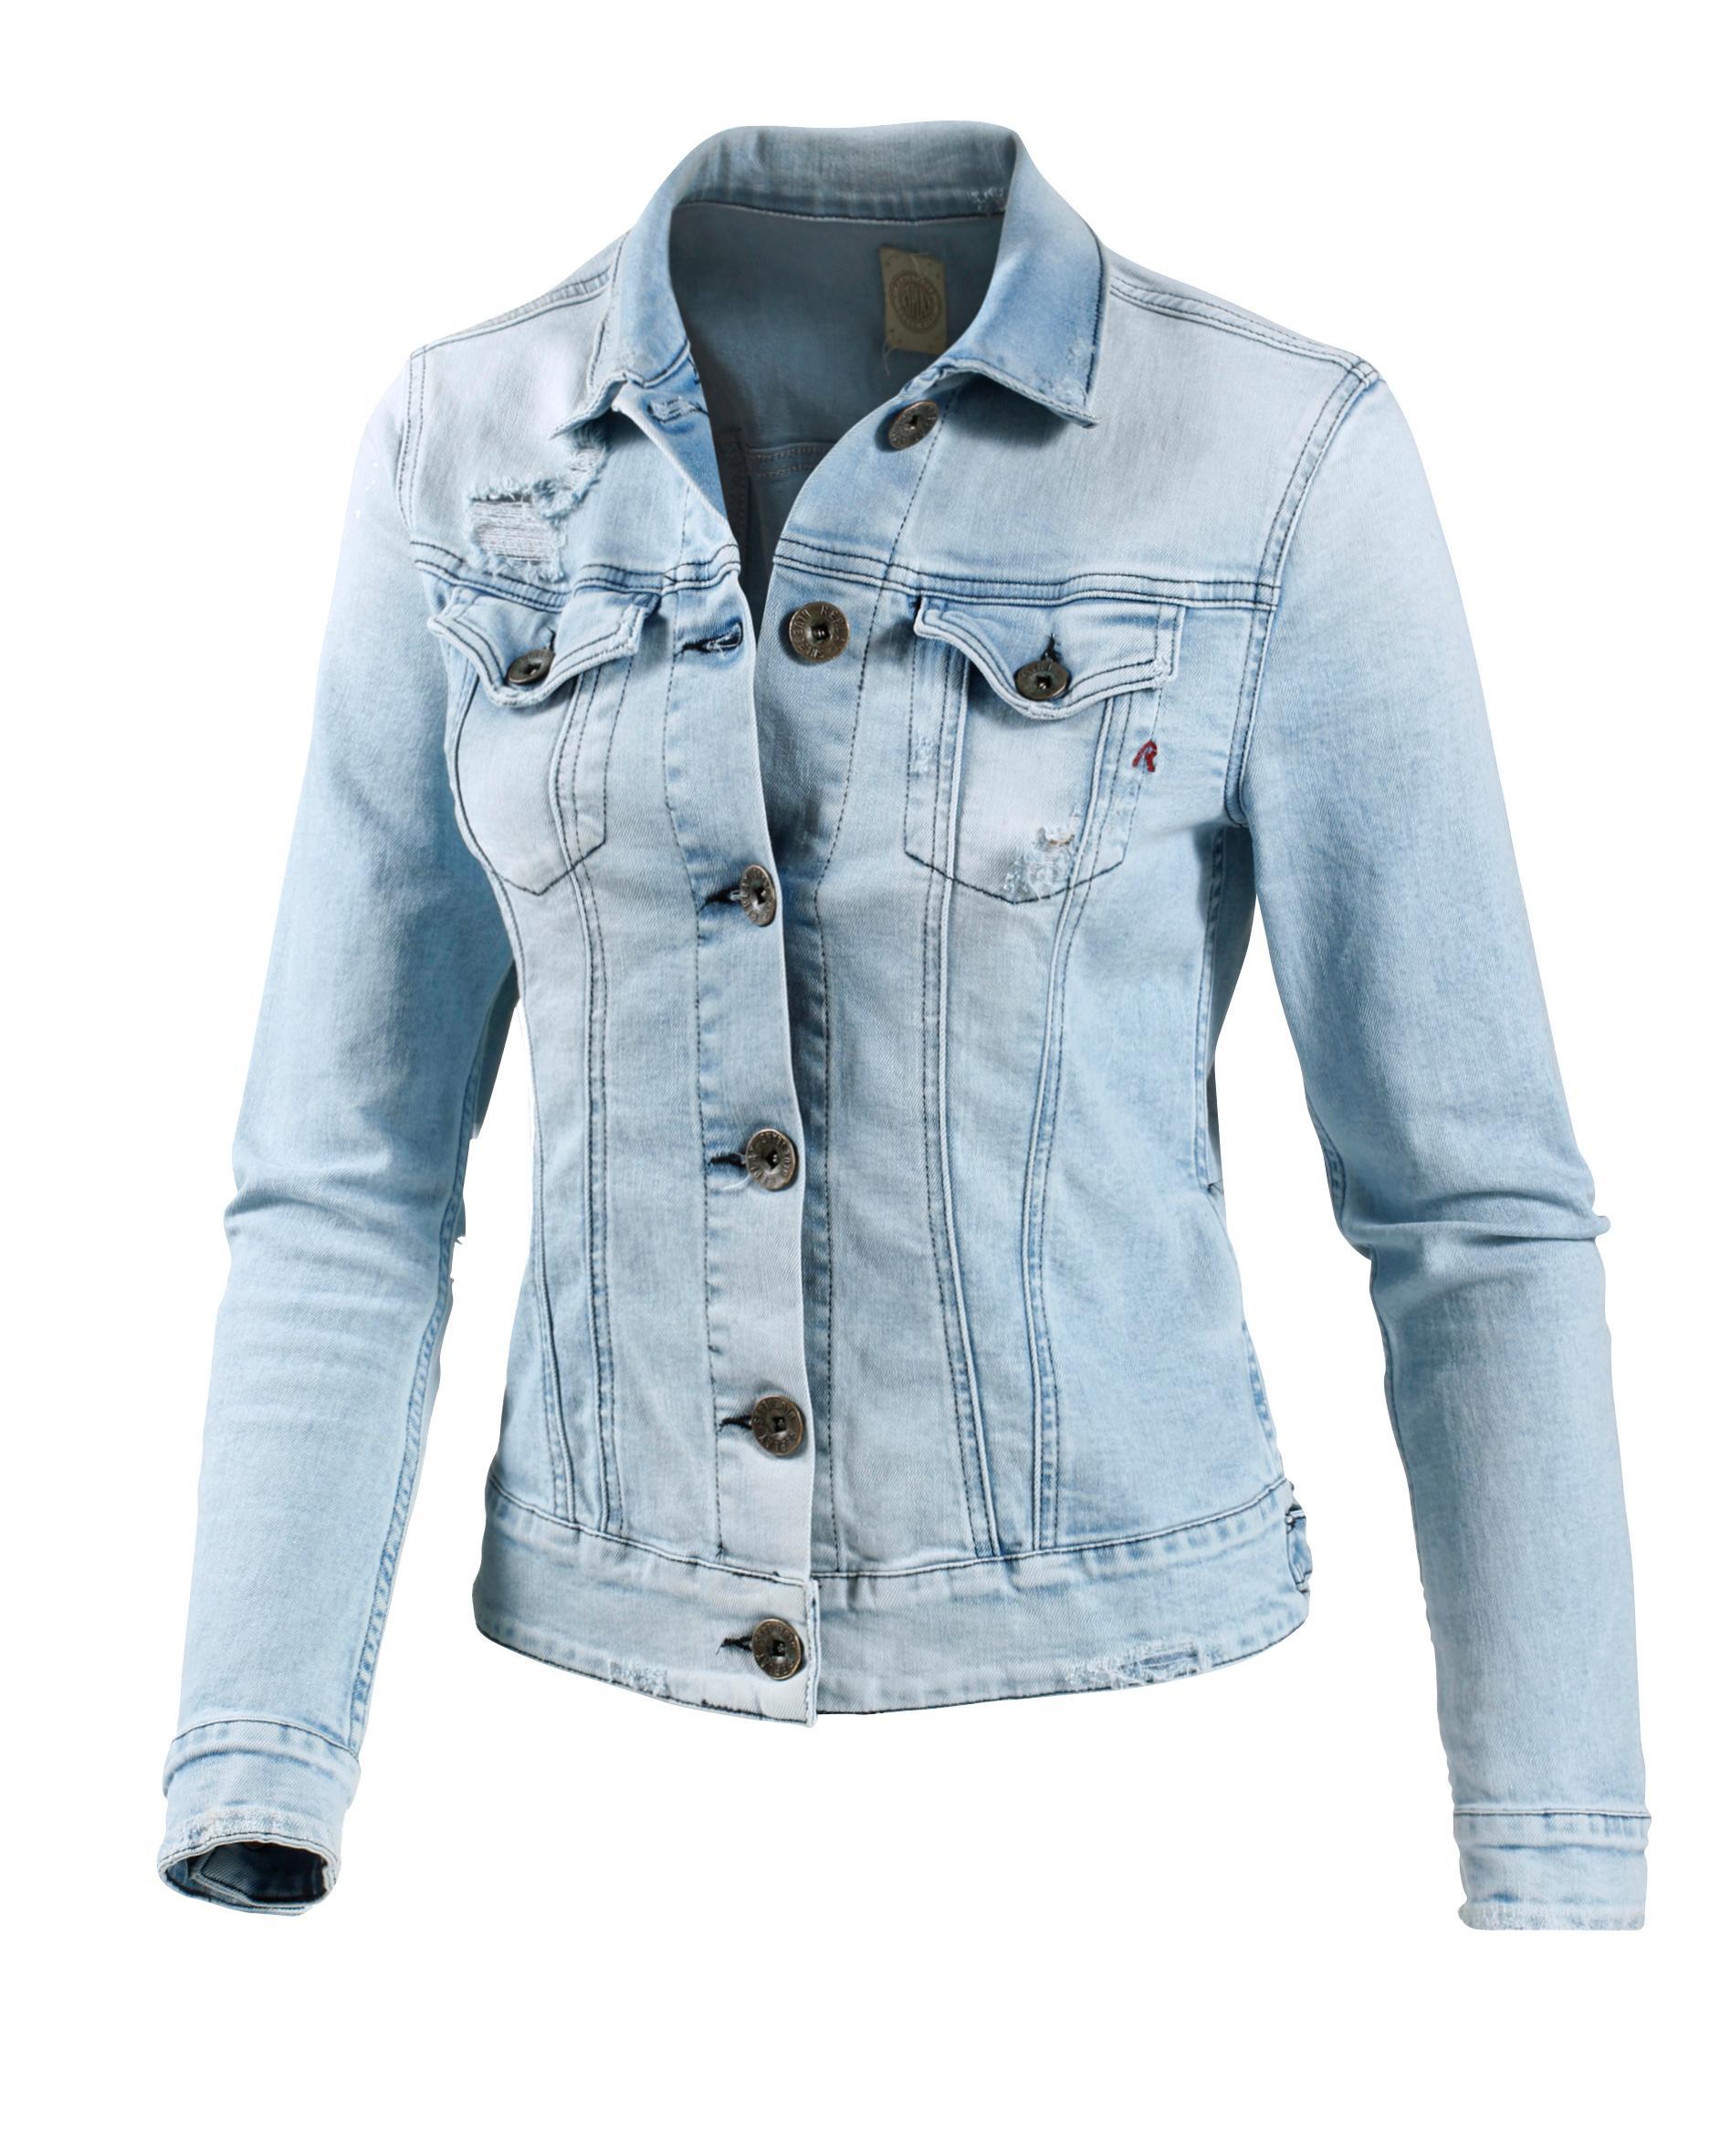 Damen jeans jacke kaufen